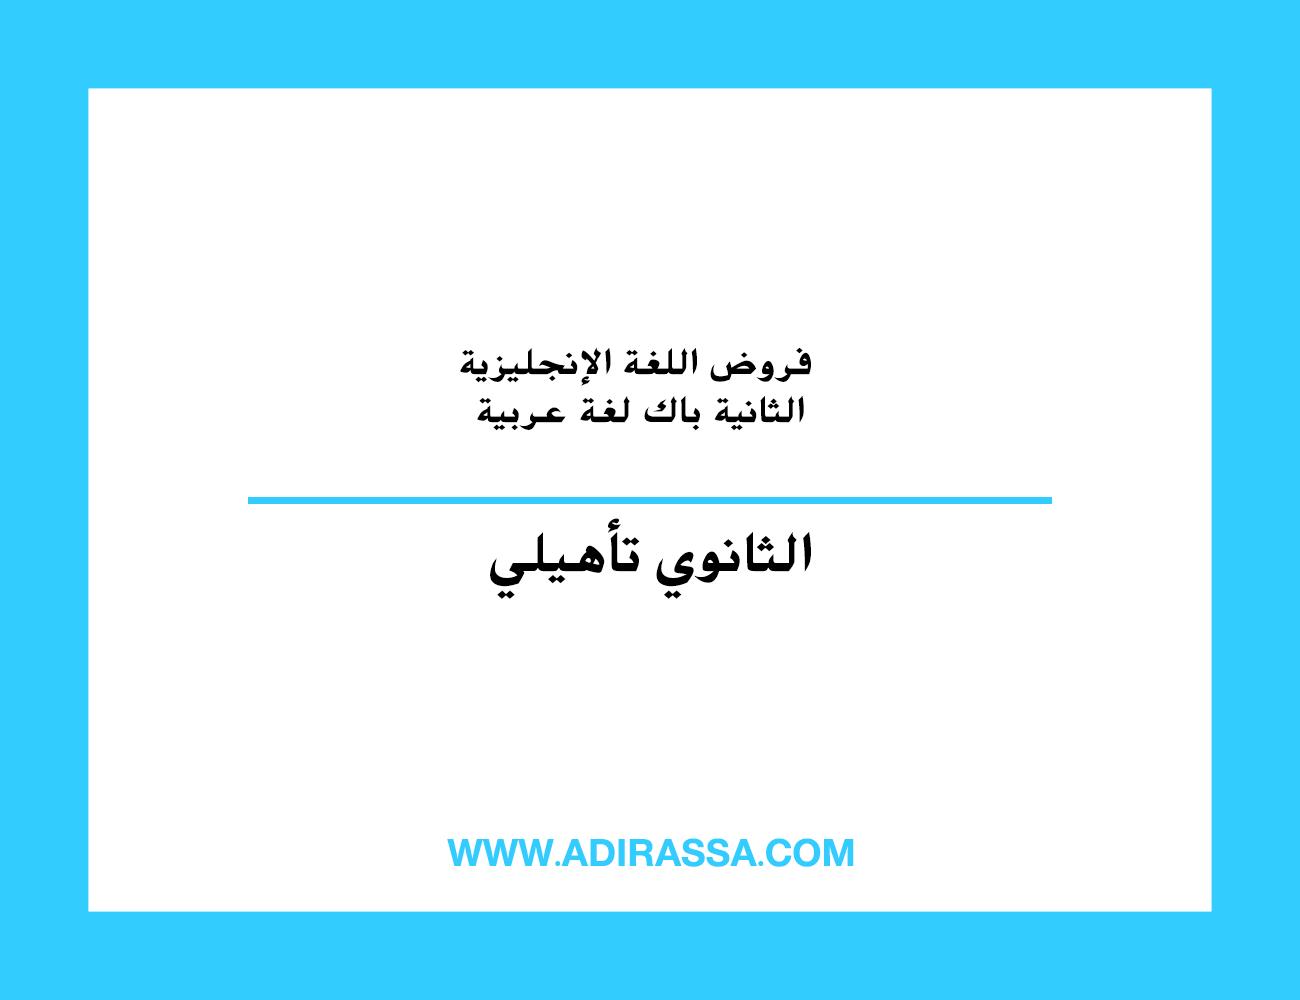 فروض اللغة الإنجليزية الثانية باك لغة عربية بمستوى الثانوي التأهيلي